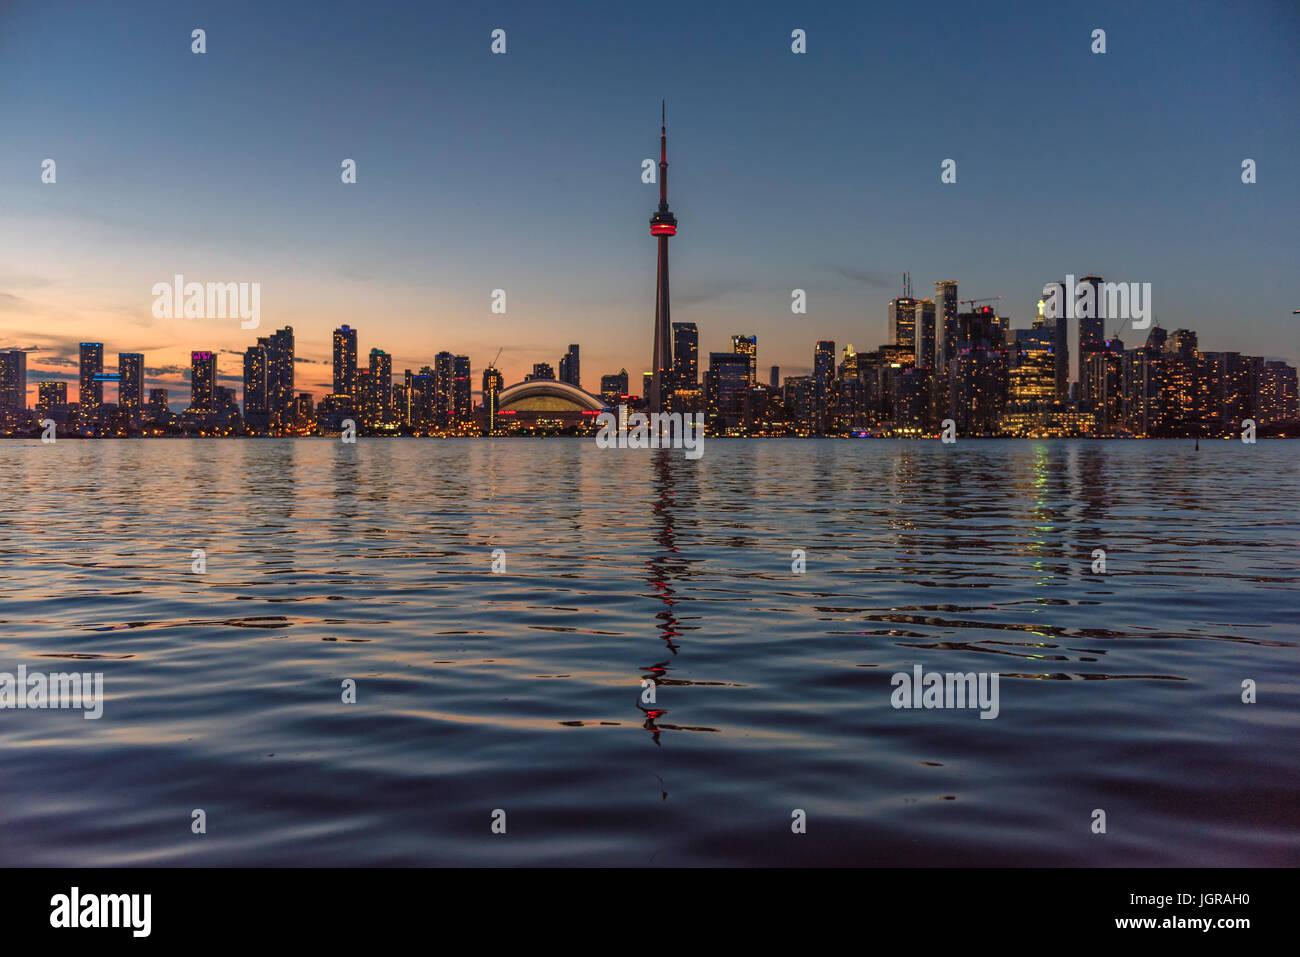 Al atardecer, el horizonte de Toronto Canadá Imagen De Stock